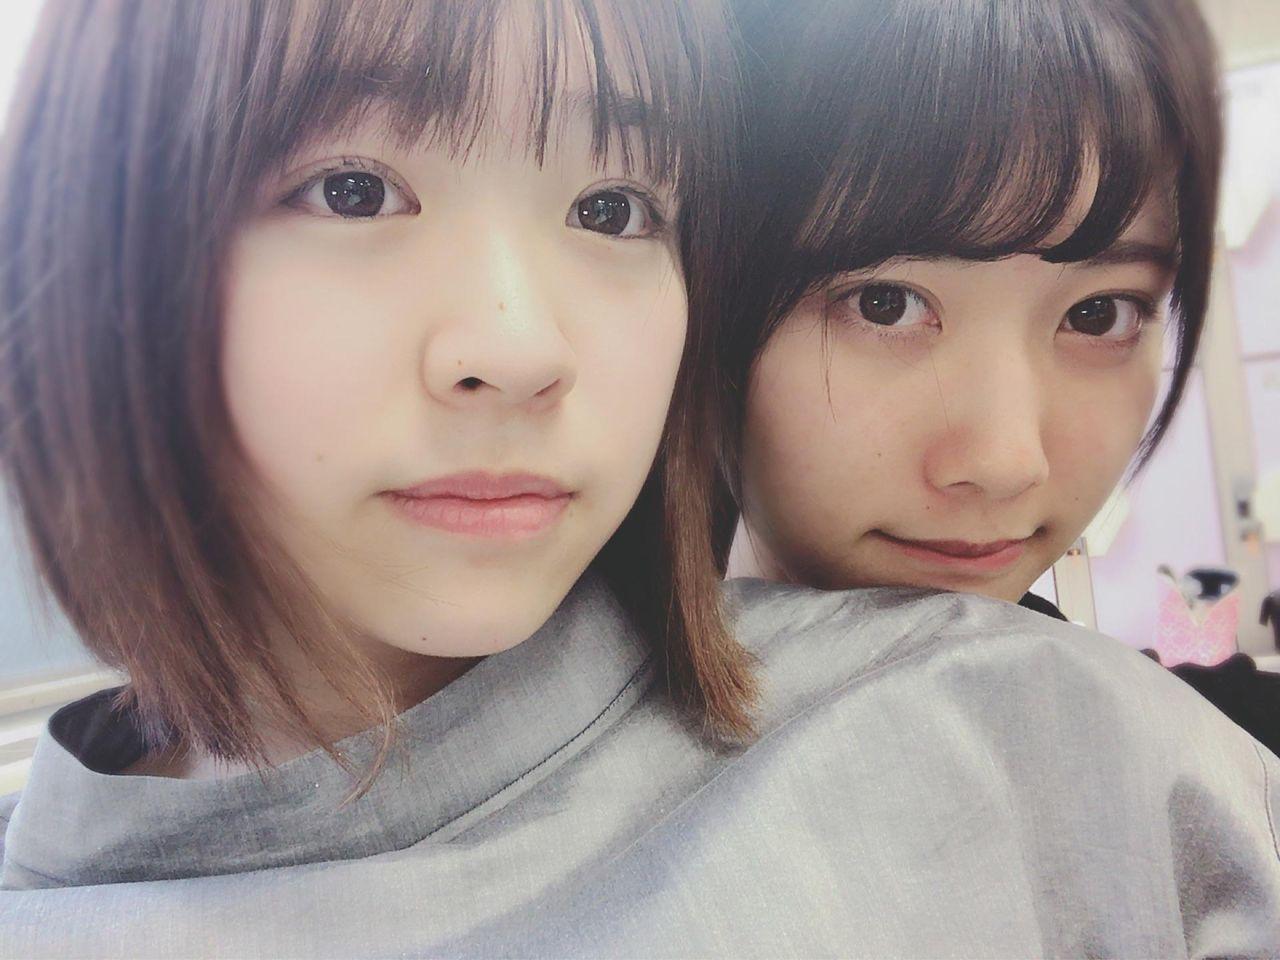 「伊藤 純奈 西野七瀬」の画像検索結果